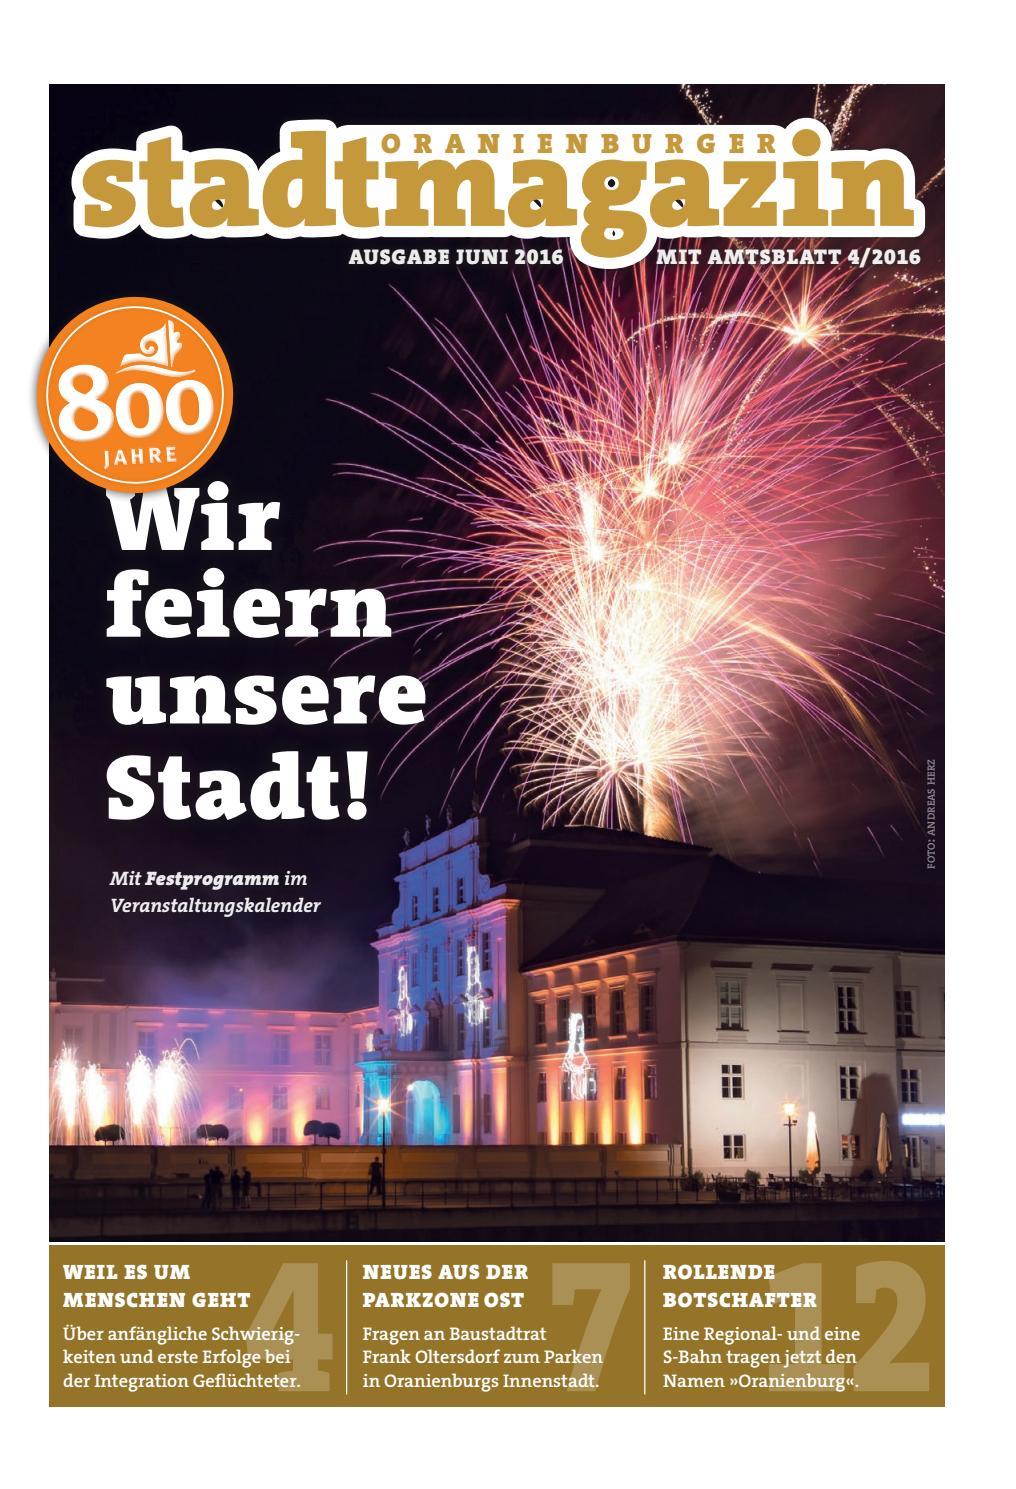 Oranienburger Stadtmagazin (Juni 2016) by Stadt Oranienburg - issuu